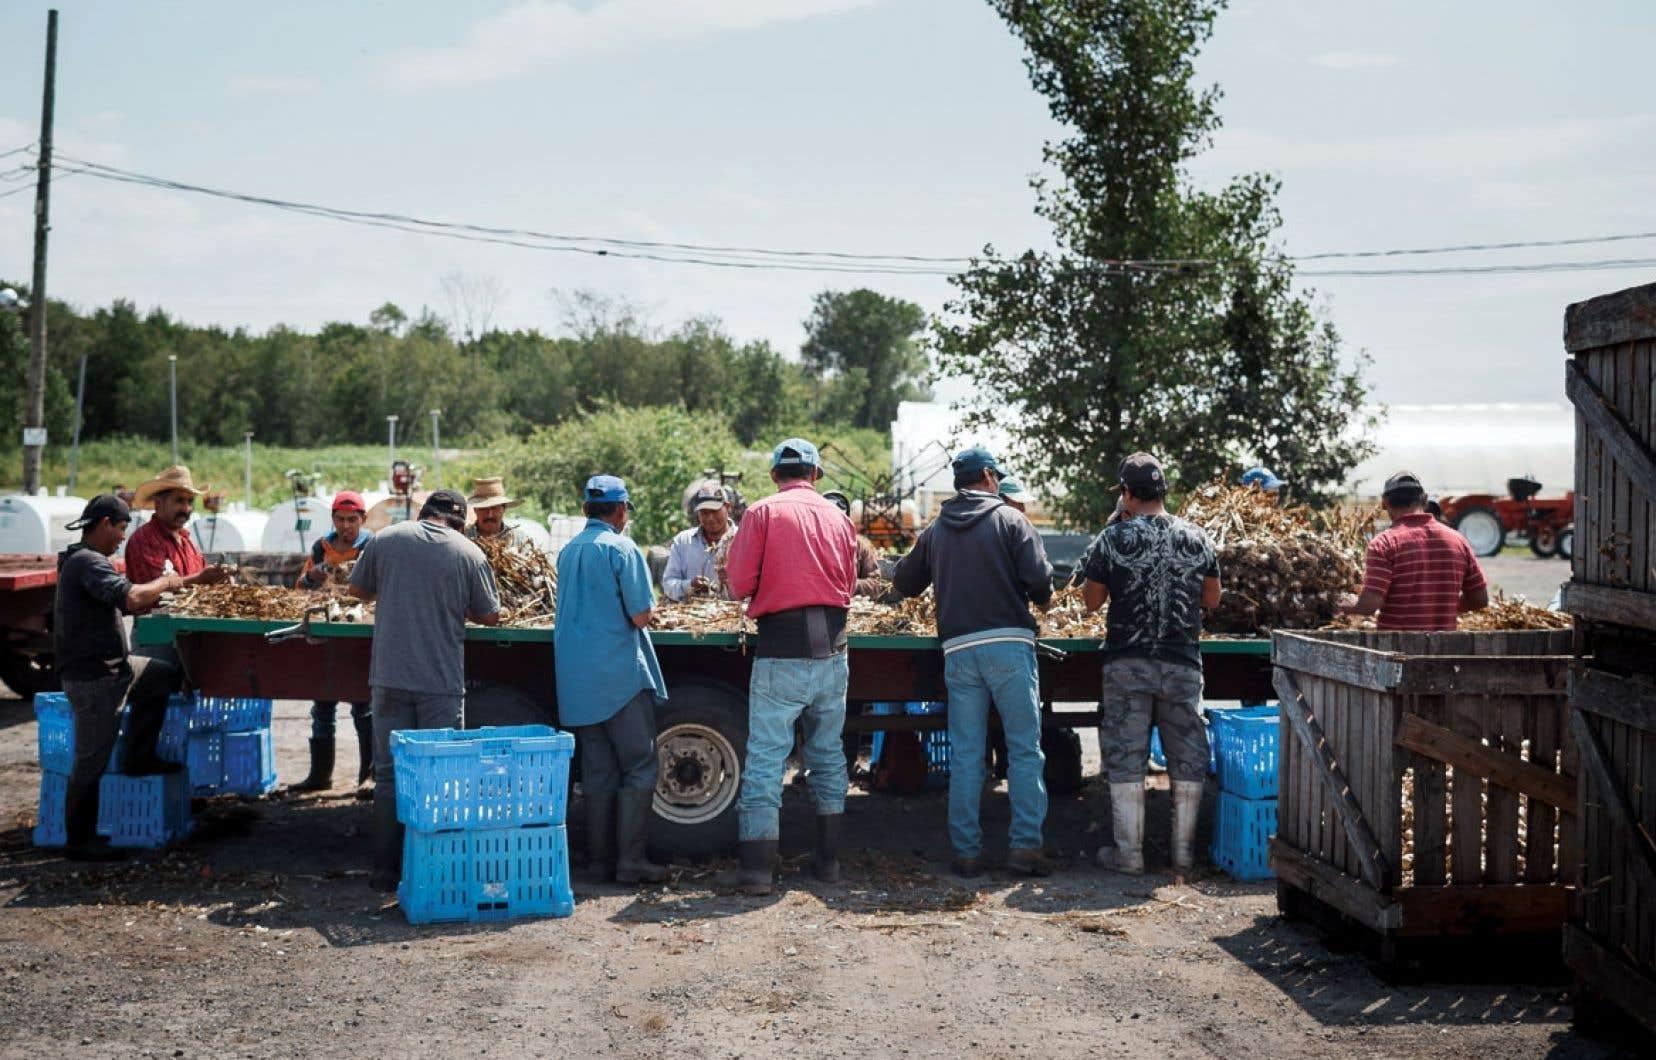 Les 11 travailleurs agricoles guatémaltèques étaient venus au Québec dans le cadre du Programme des travailleurs étrangers temporaires afin de travailler dans le secteur de l'agroalimentaire.